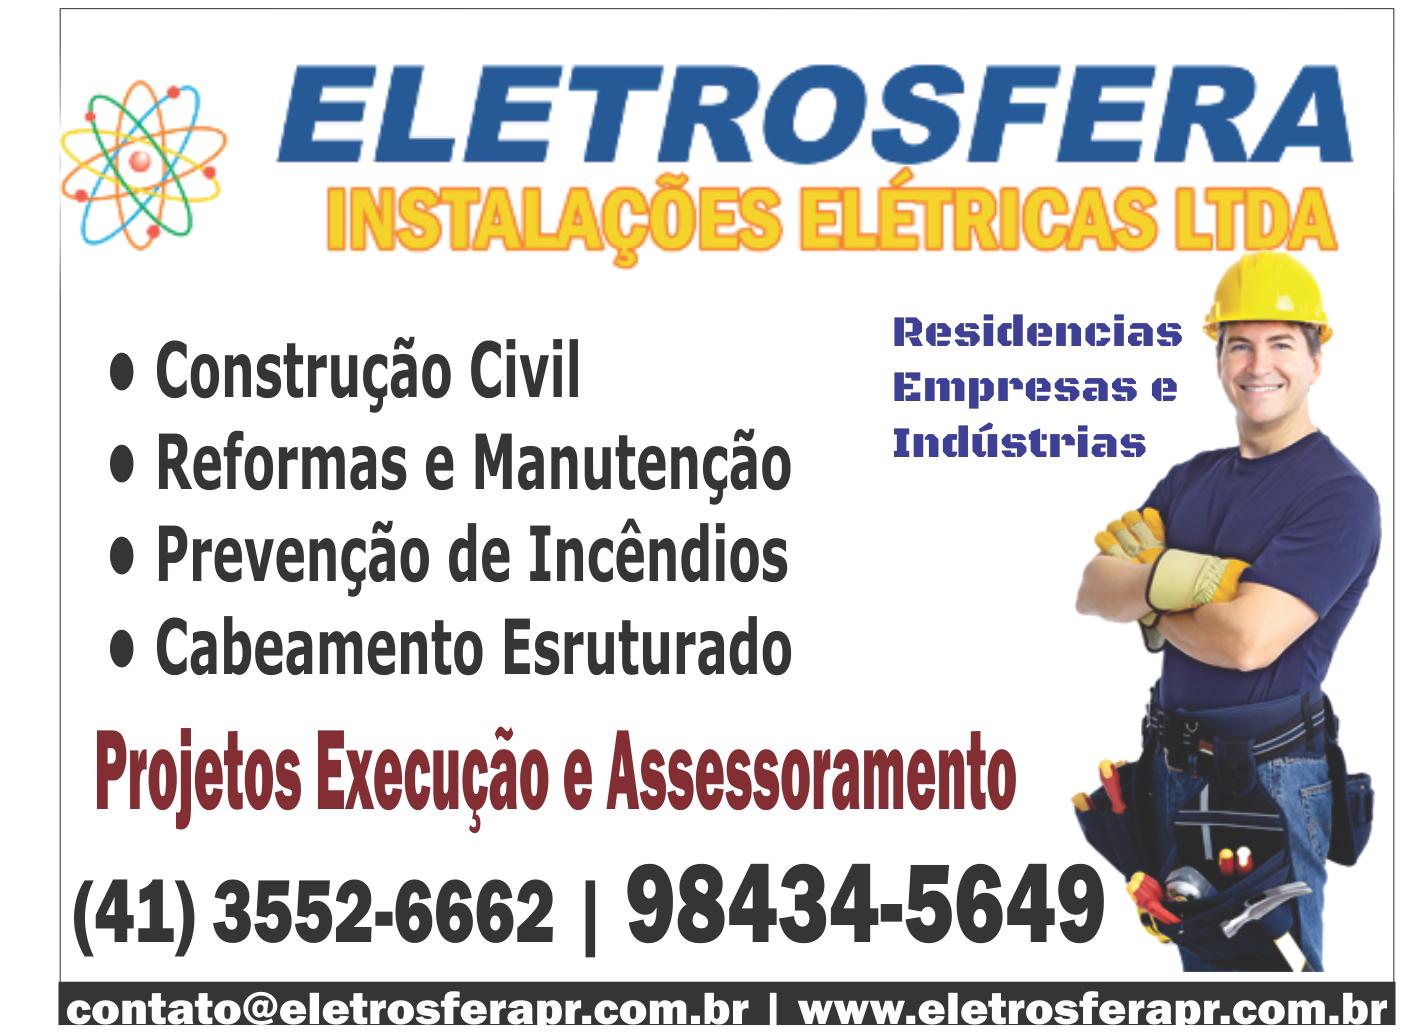 Eletrosfera Instalações Elétricas (41)3552-6662 / (41) 98434-5649